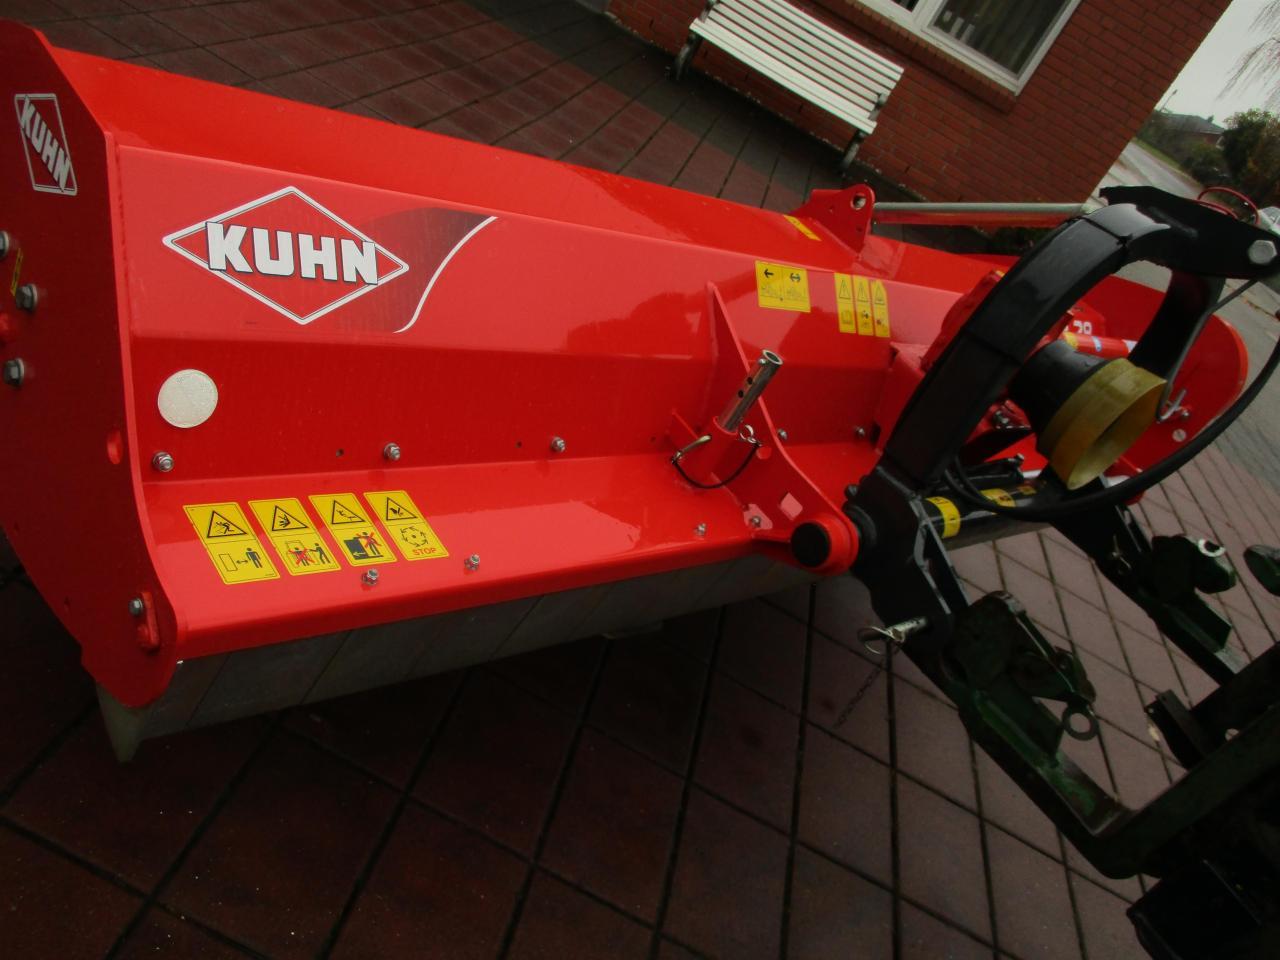 Kuhn BP28